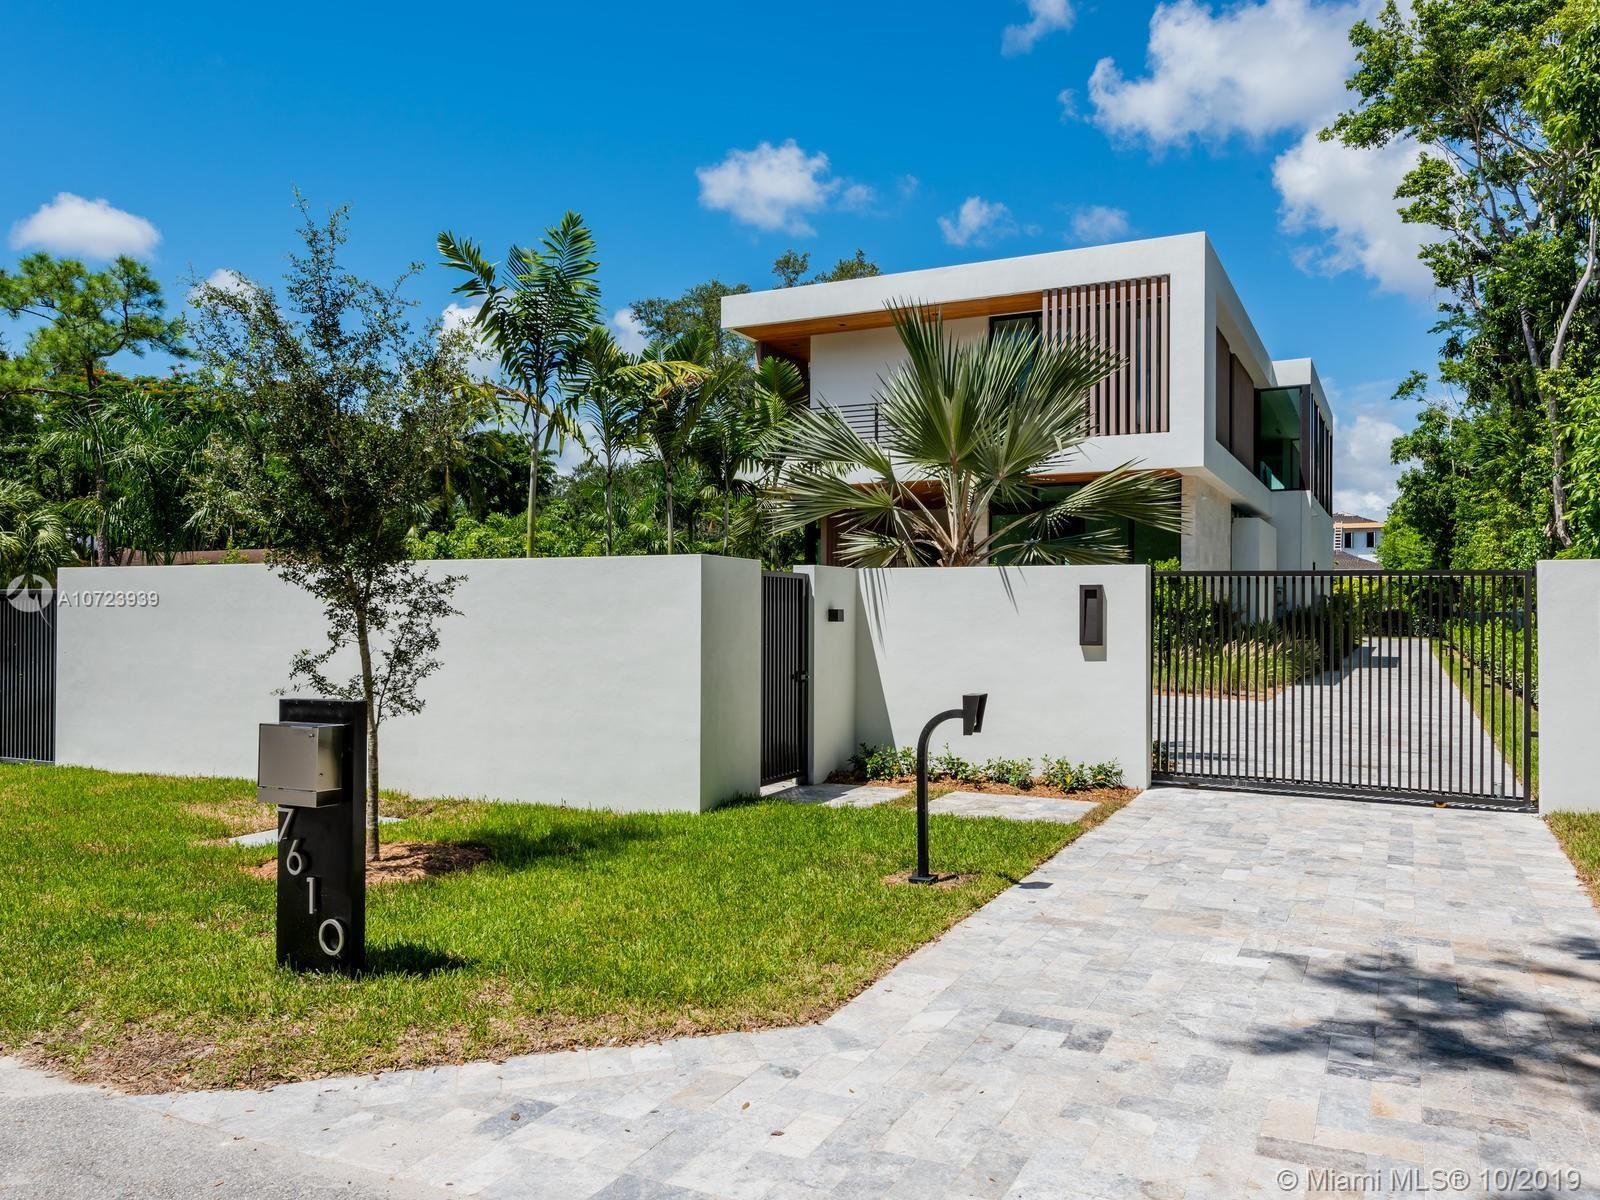 7610 SW 48th Ct, Miami, FL 33143 - #: A10723939